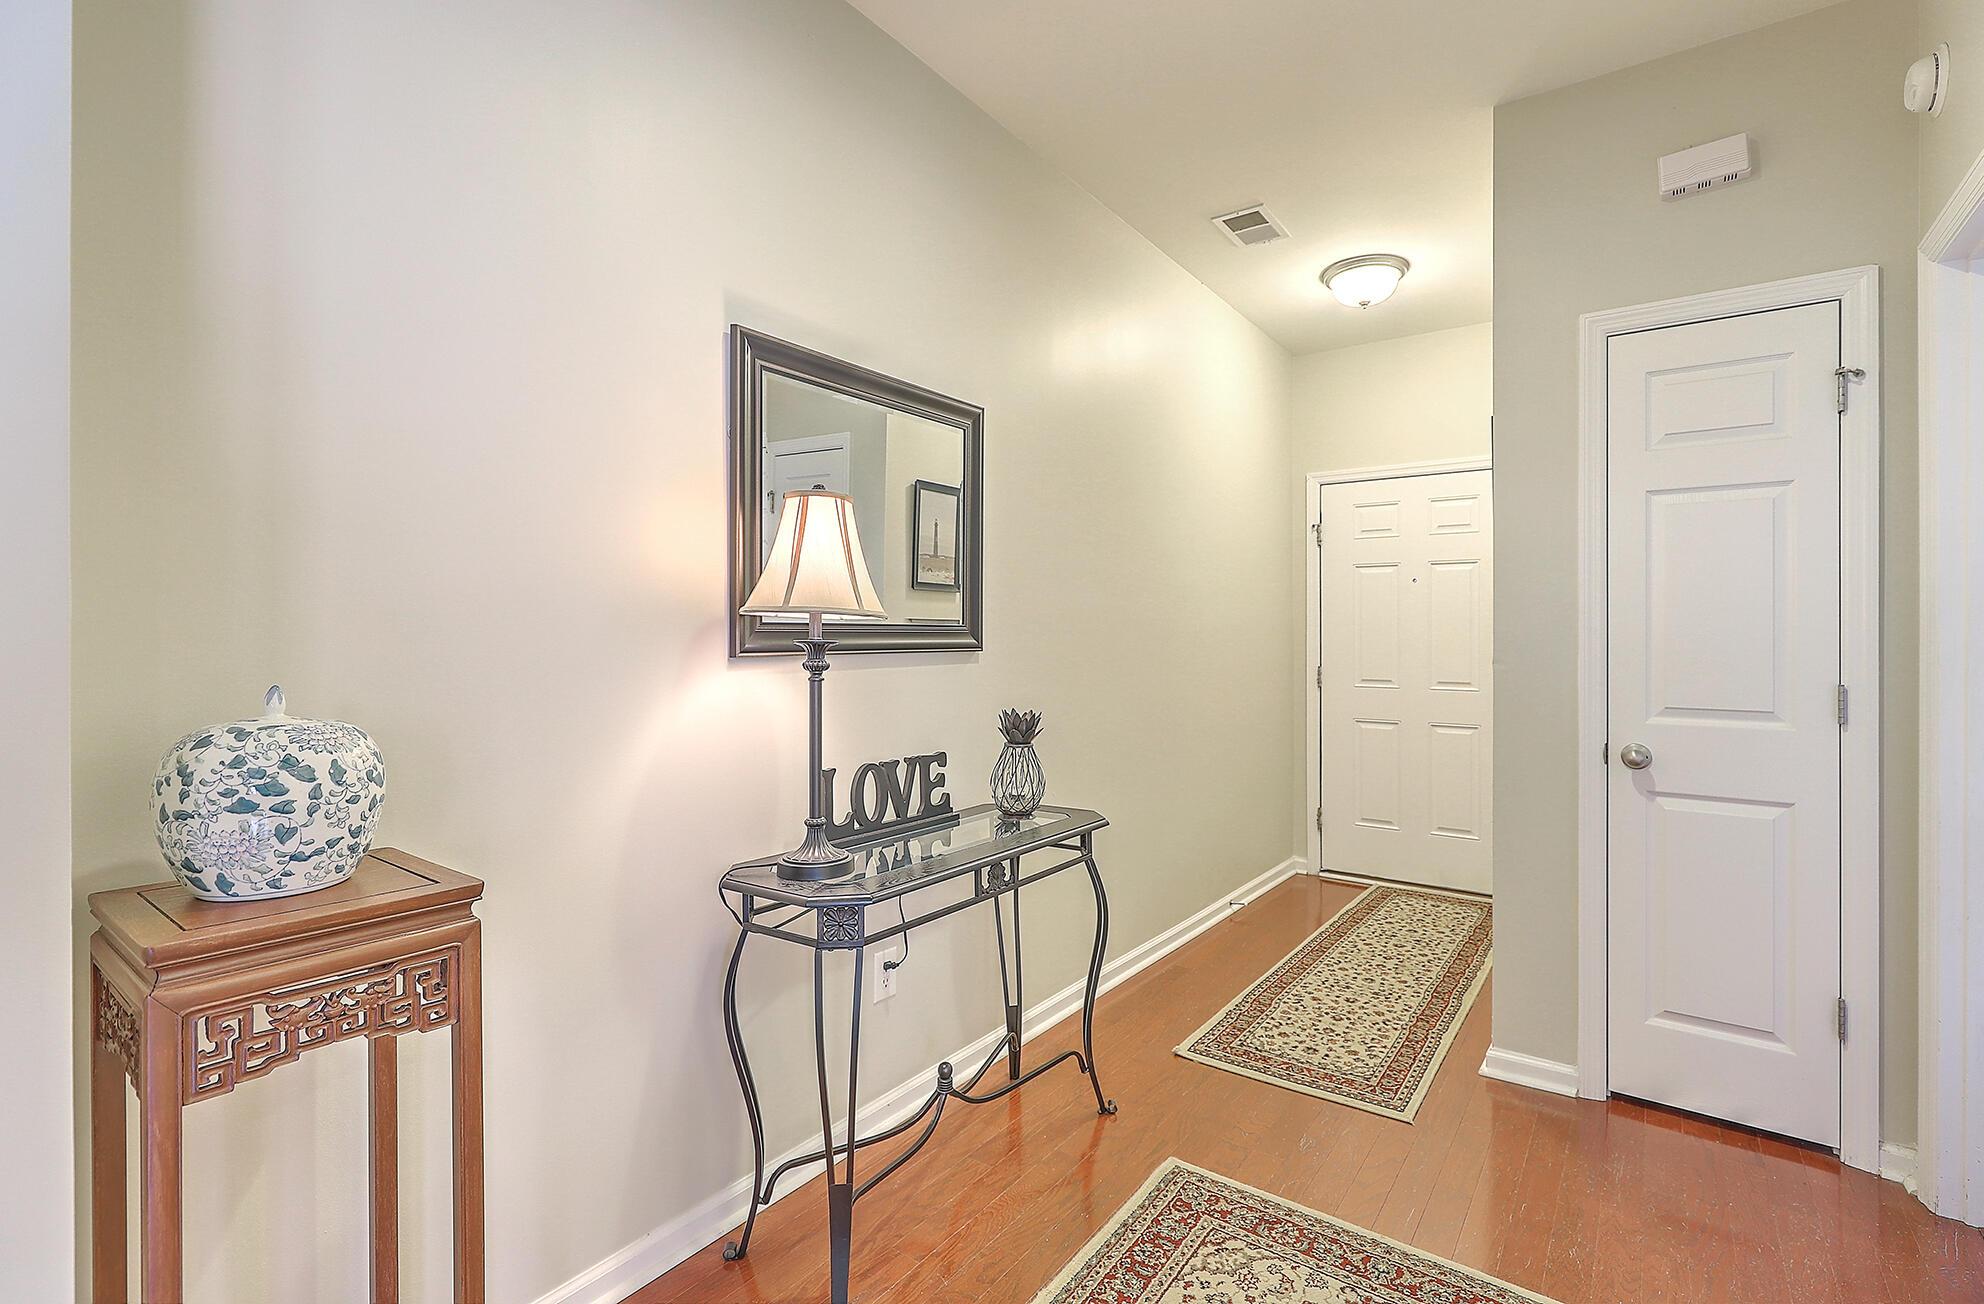 Lieben Park Homes For Sale - 3631 Franklin Tower, Mount Pleasant, SC - 0